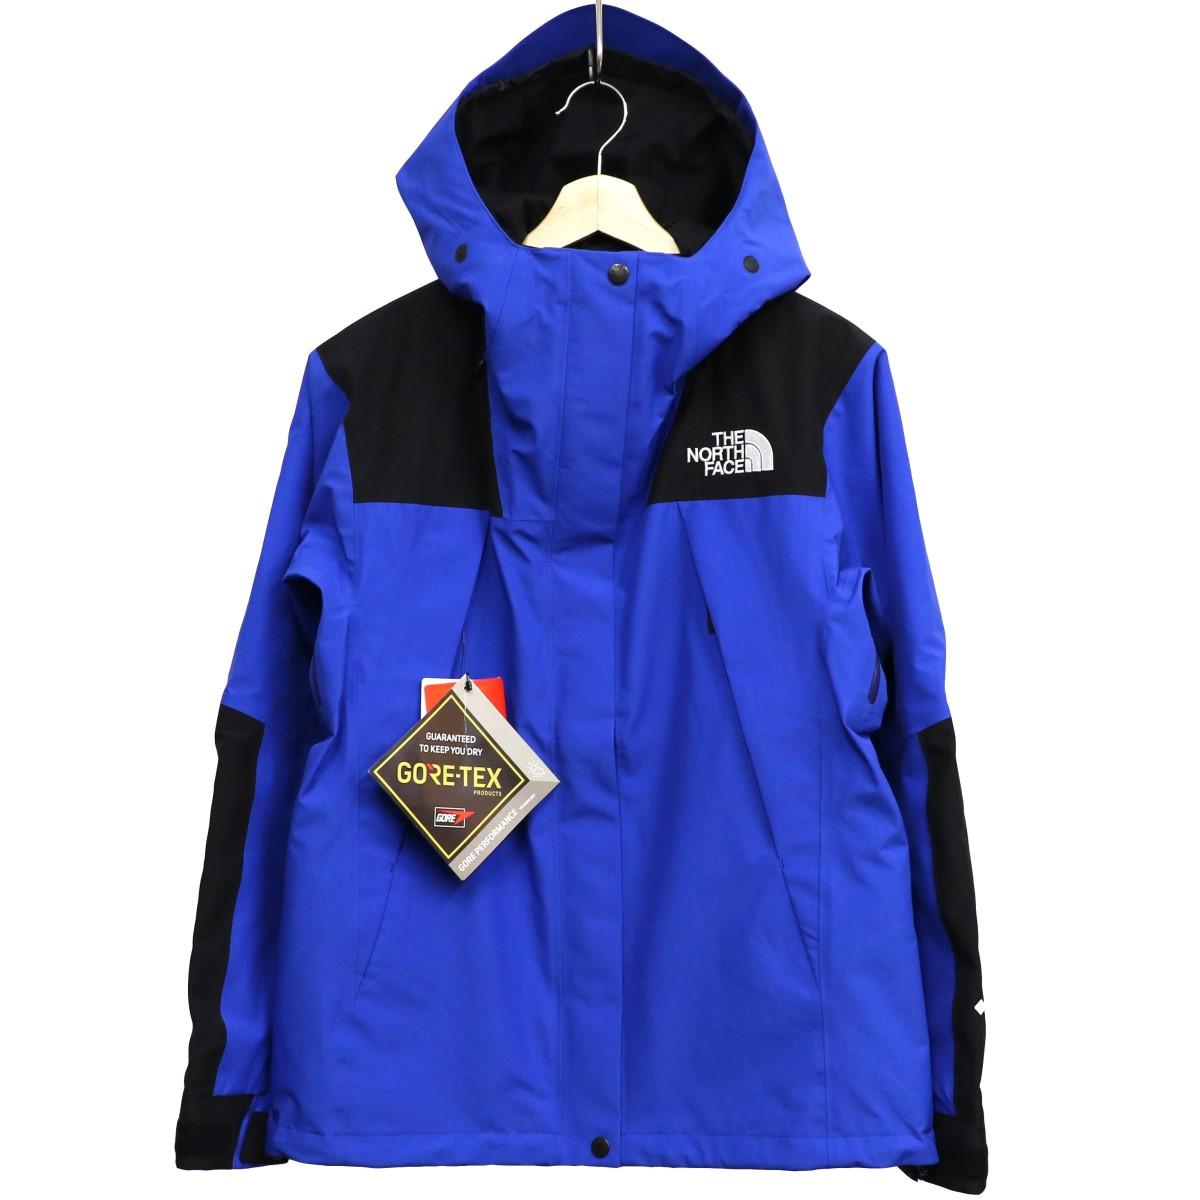 【中古】THE NORTH FACE Mountain Jacket GORE-TEXマウンテンパーカー ブルー×ブラック サイズ:L 【150220】(ザノースフェイス)